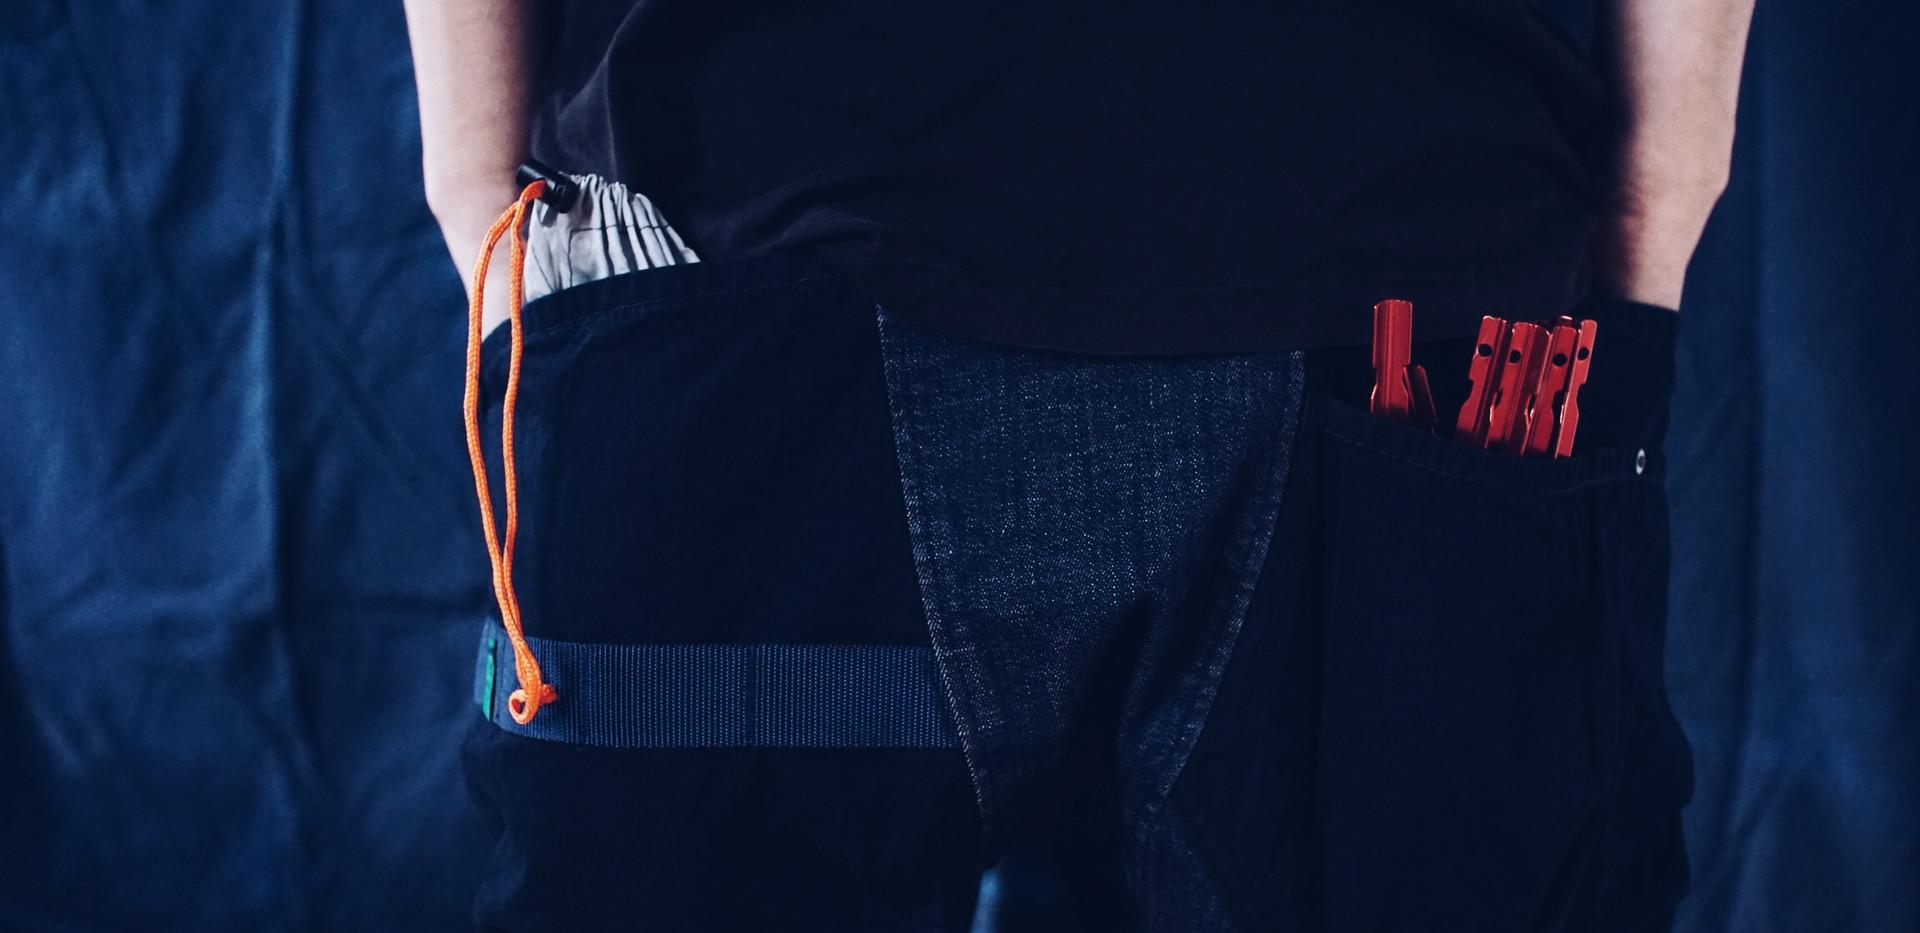 ポケットの容量は全モデルの中でも最大量を誇ります。